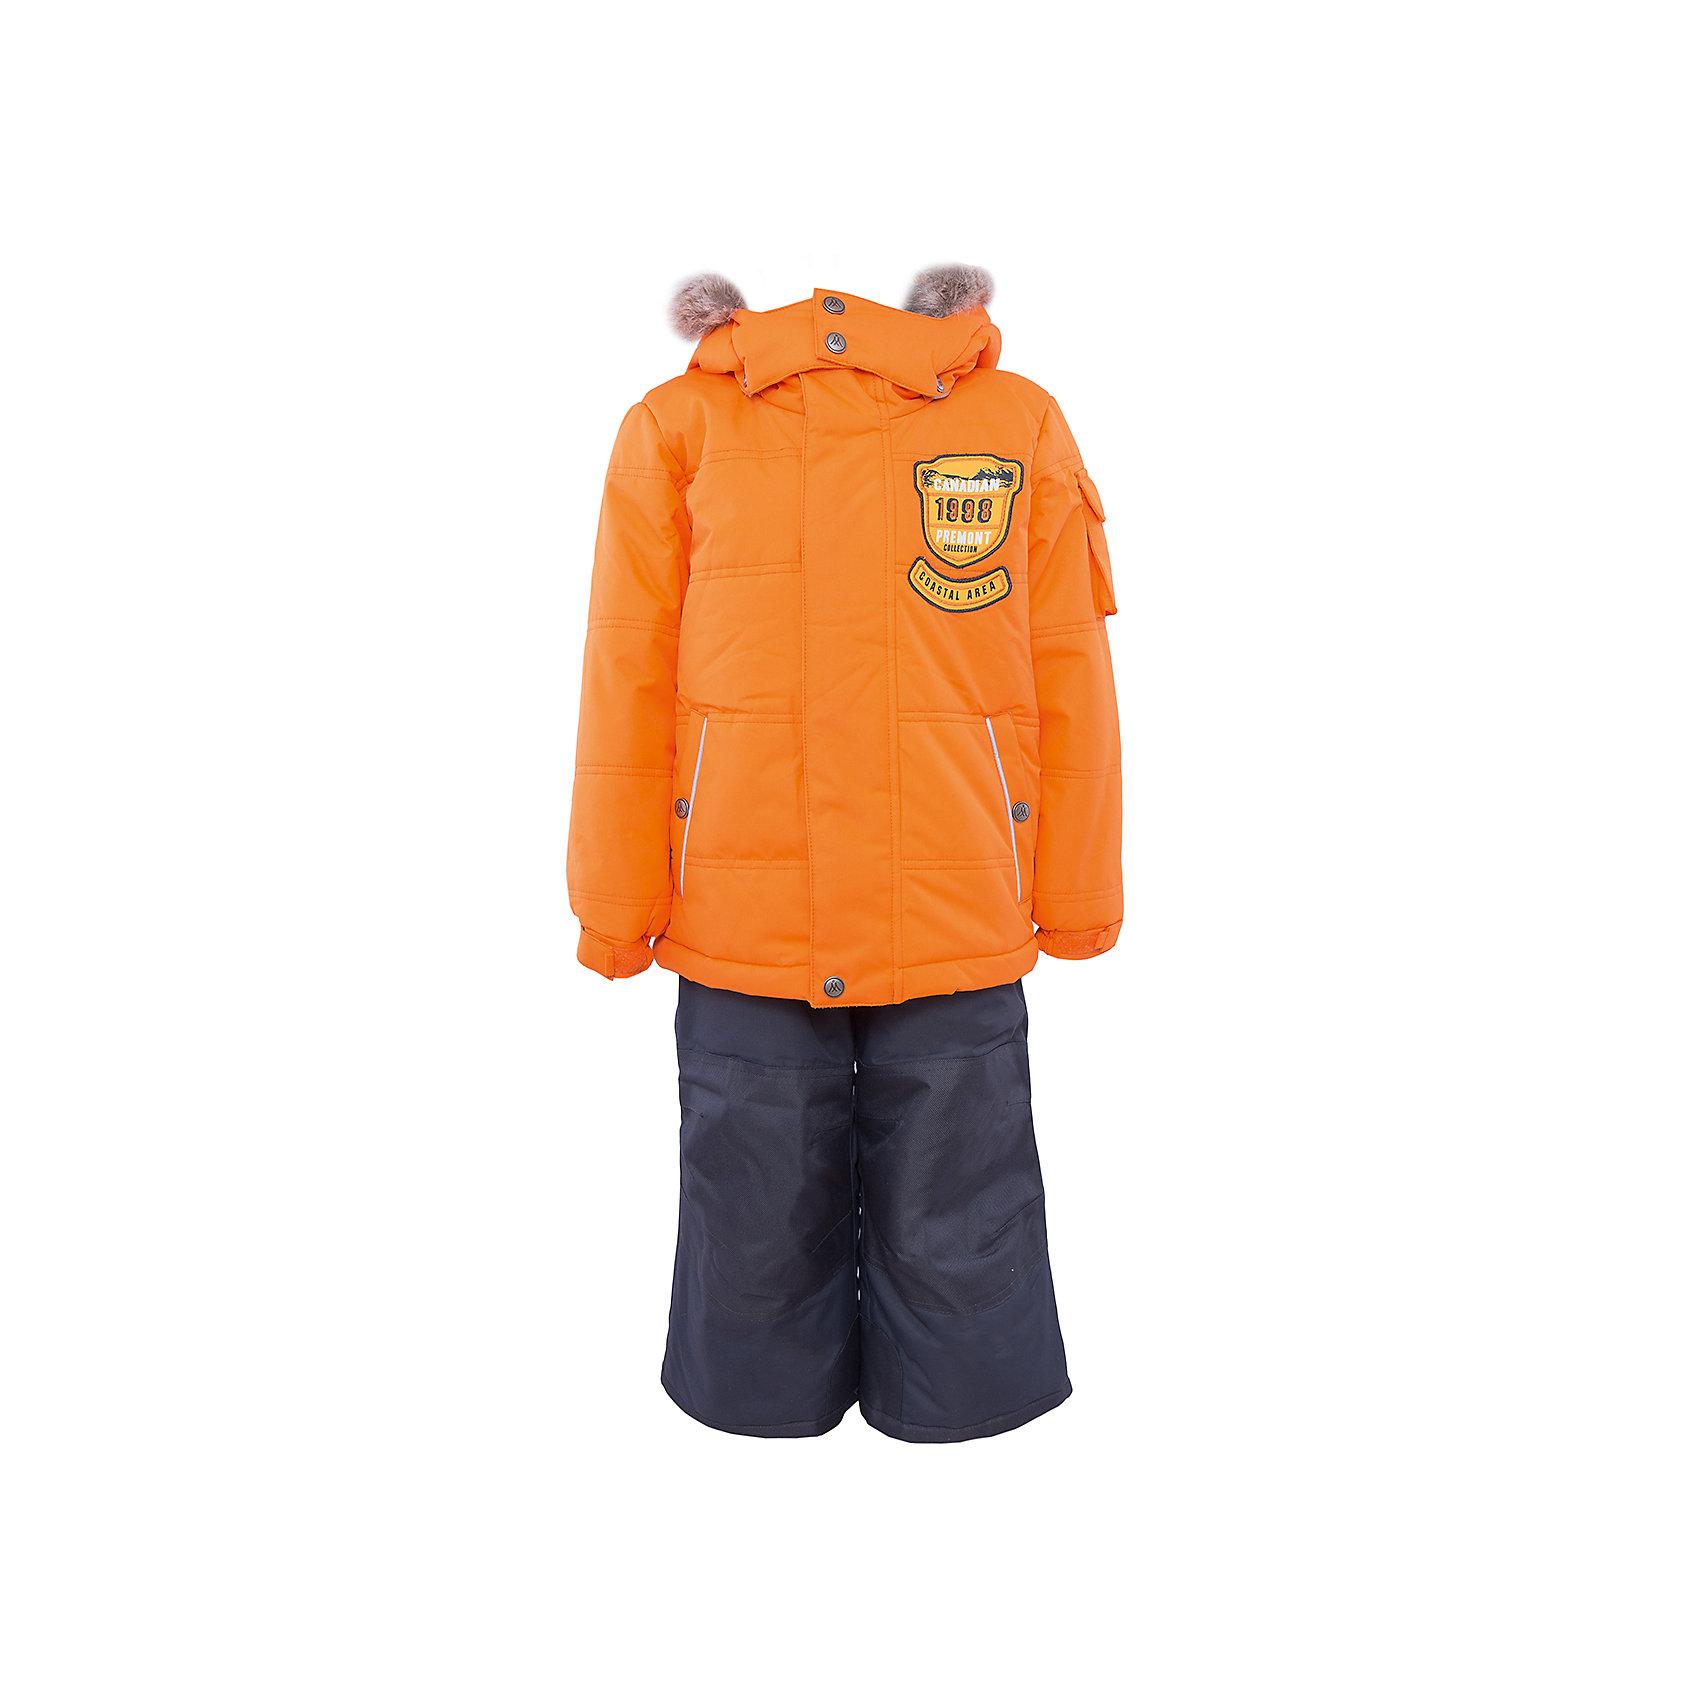 Комплект: куртка и брюки для мальчика PremontКомплект: куртка и брюки для мальчика от известного бренда Premont.<br>Авалон считается мифическим островом, но, тем не менее, он действительно существует и располагается на Юго-Востоке Канады. Глубокий и насыщенный цвет парки, как будто переносит нас к извилистым берегам полуострова, изобилующего заливами и гаванями.<br>Брюки до 6 лет идут с высокой грудкой, после 6 лет - с отстегивающейся спинкой.<br>Состав:<br>Ткань верха: мембрана 5000мм/5000г/м2/24h, Taslan <br>Подклад: Polarfleece (тело, капюшон, манжеты), Taffeta (брюки, рукава, снежная юбка) Утеплитель: Tech-polyfill (куртка 280г, брюки 180г)<br><br>Ширина мм: 356<br>Глубина мм: 10<br>Высота мм: 245<br>Вес г: 519<br>Цвет: оранжевый<br>Возраст от месяцев: 156<br>Возраст до месяцев: 168<br>Пол: Мужской<br>Возраст: Детский<br>Размер: 164,98,92,100,104,110,116,120,122,128,140,152<br>SKU: 4996843